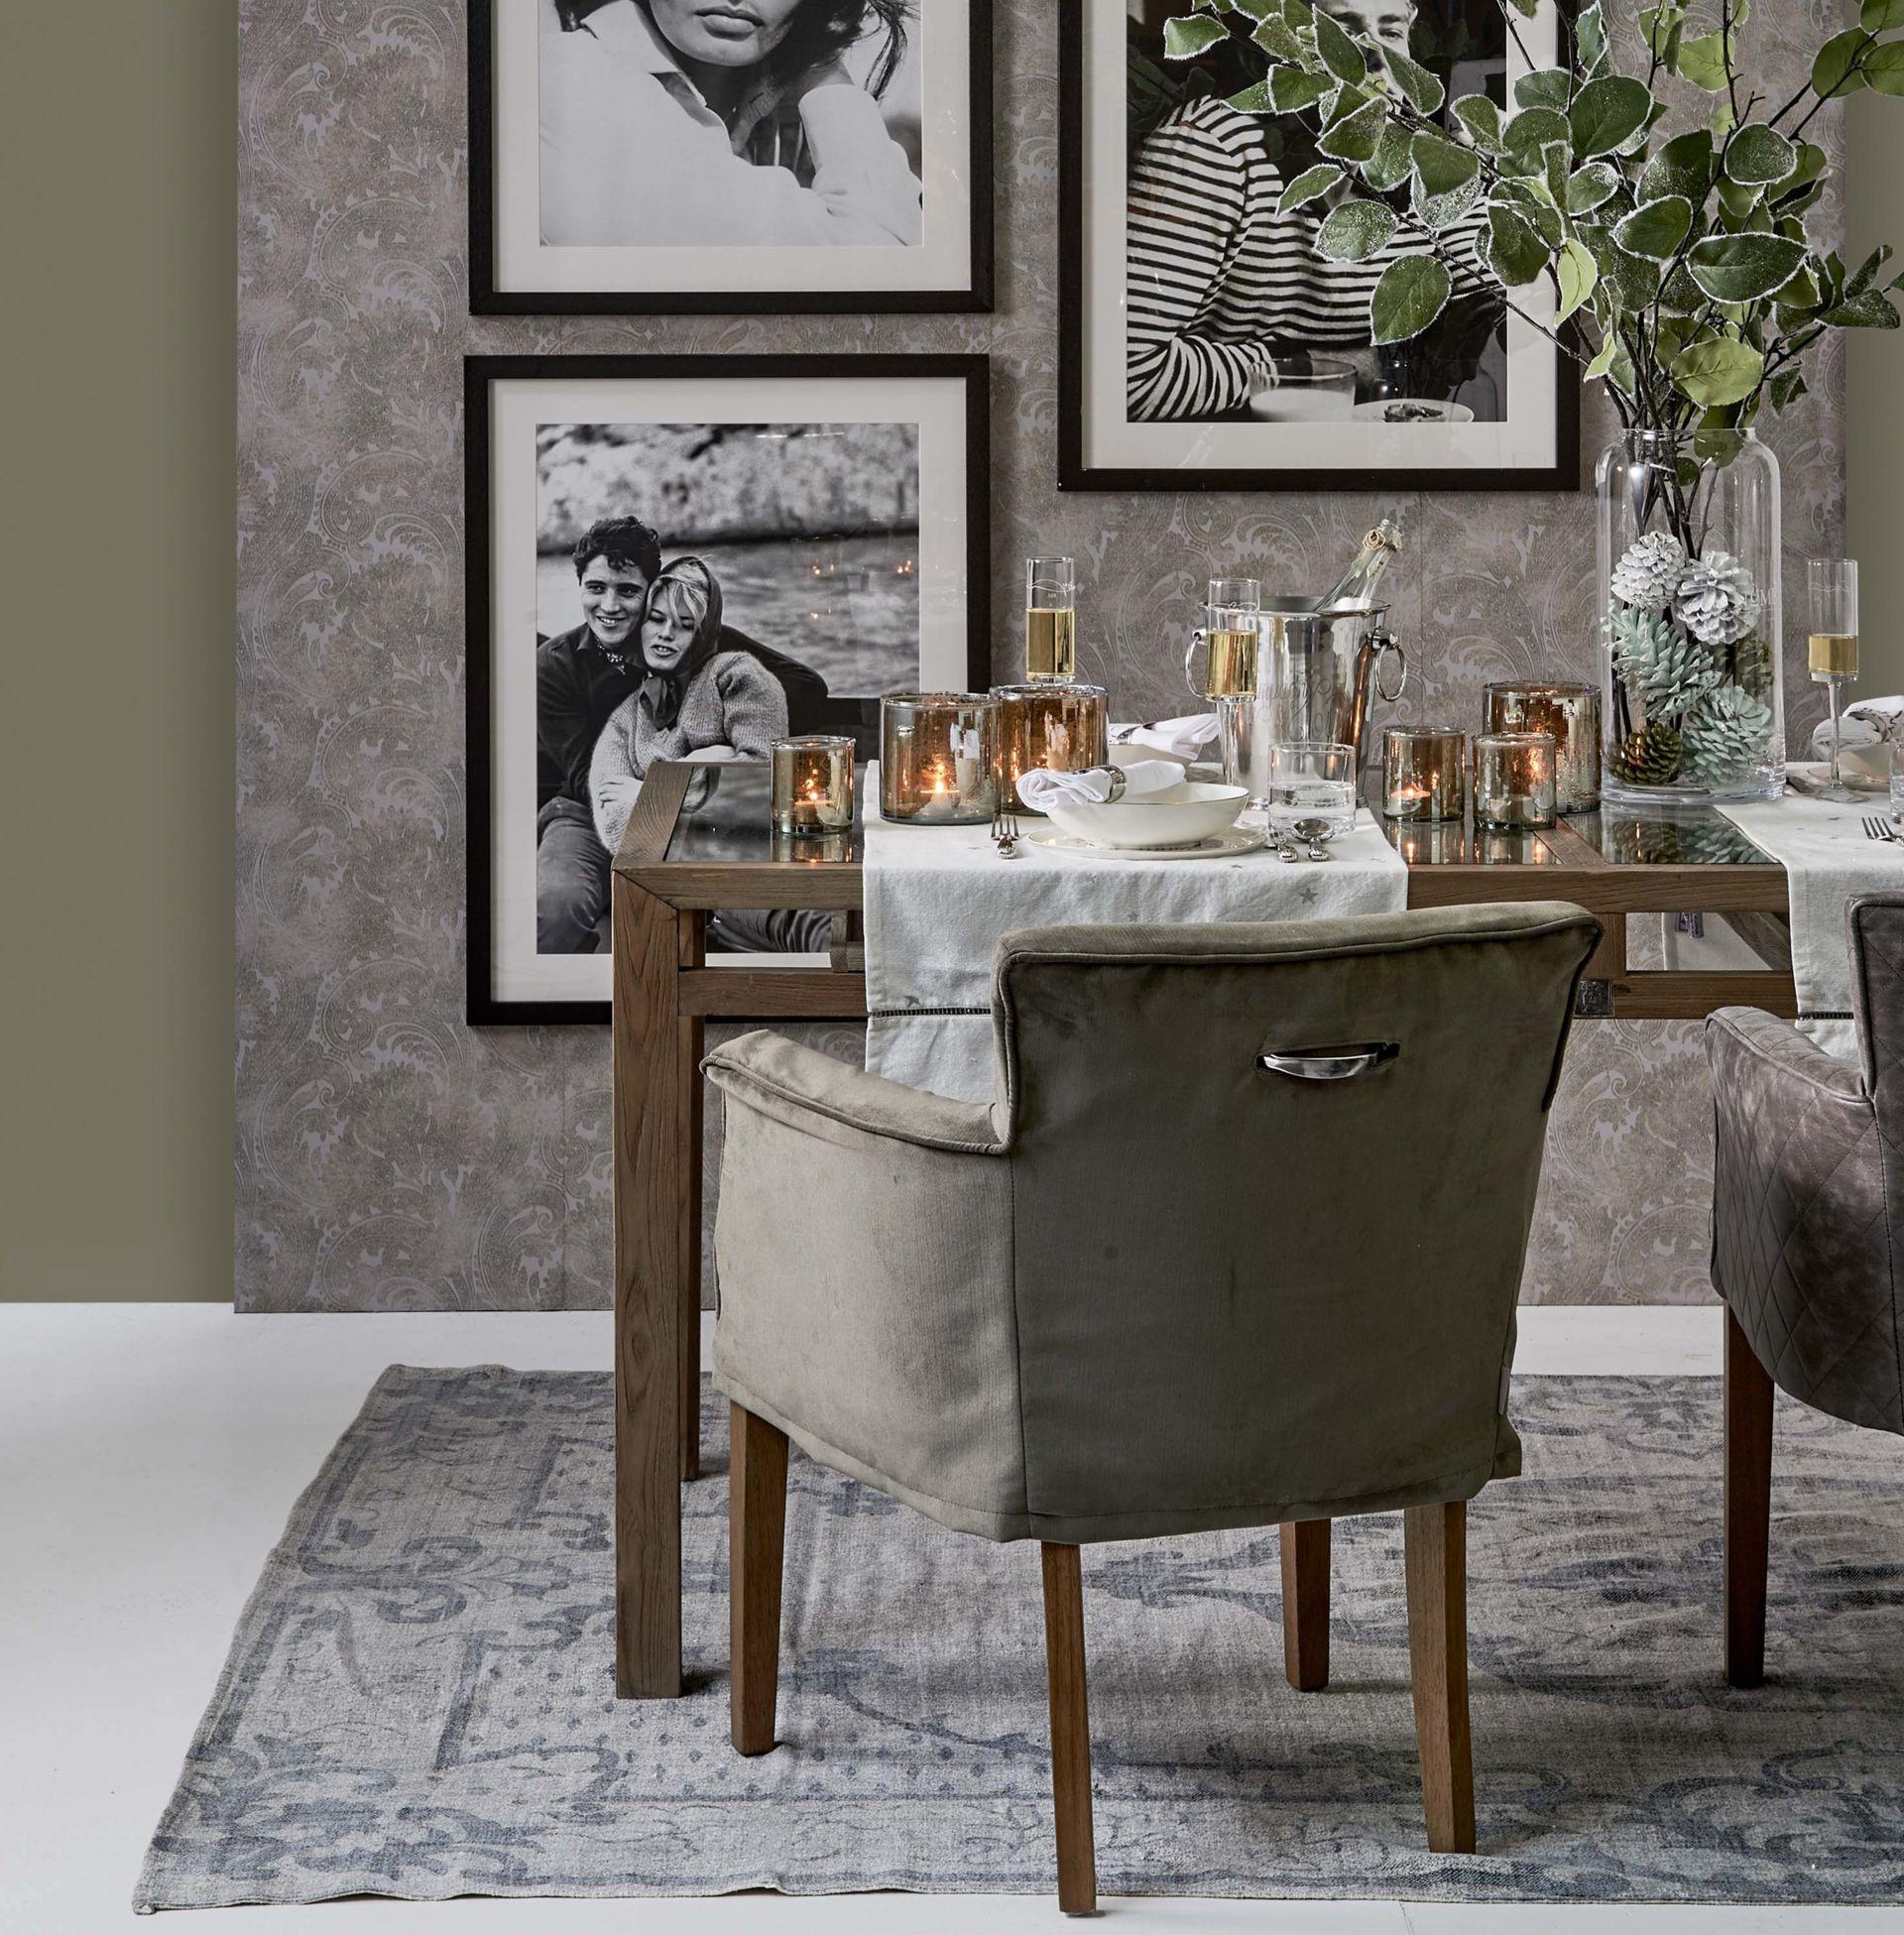 riviera maison couchtisch wei e couchtische hochglanz. Black Bedroom Furniture Sets. Home Design Ideas